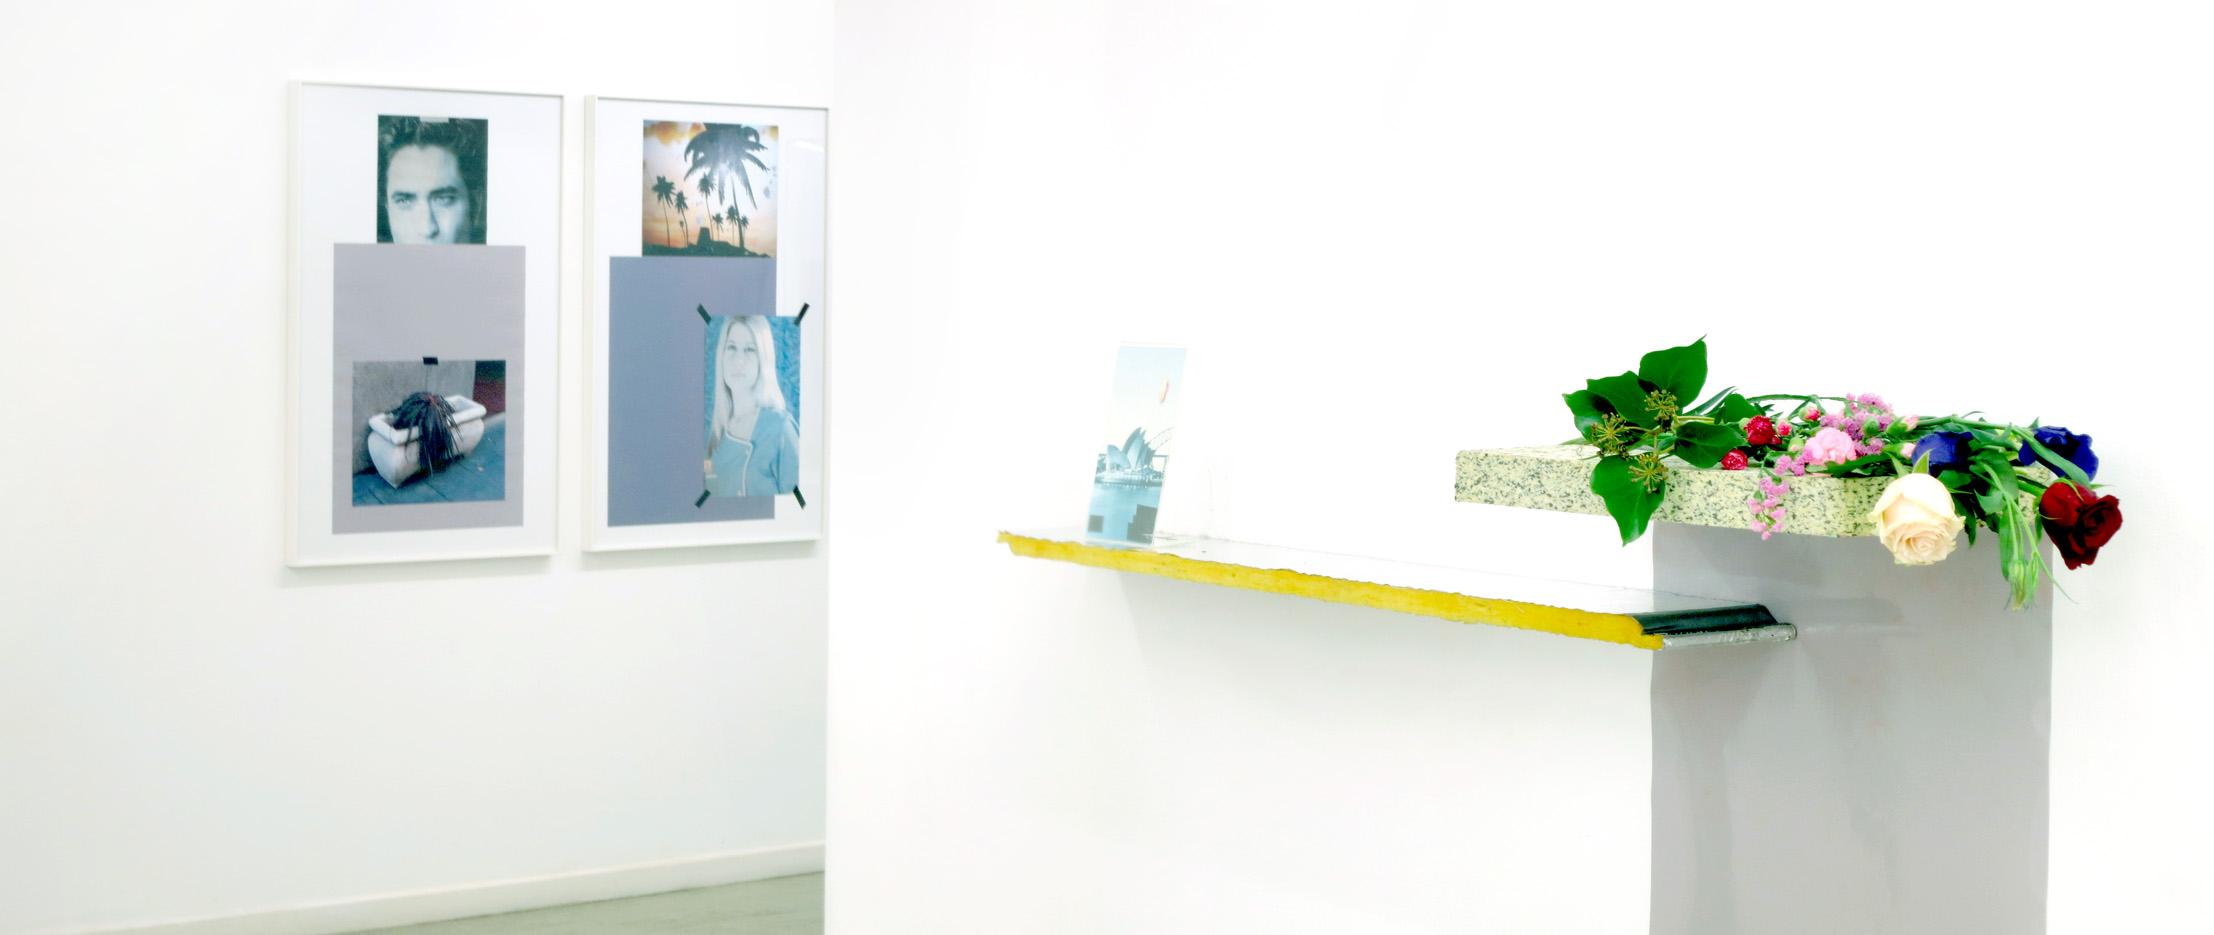 Exposición Miguel Ángel Tornero en Juan Silió